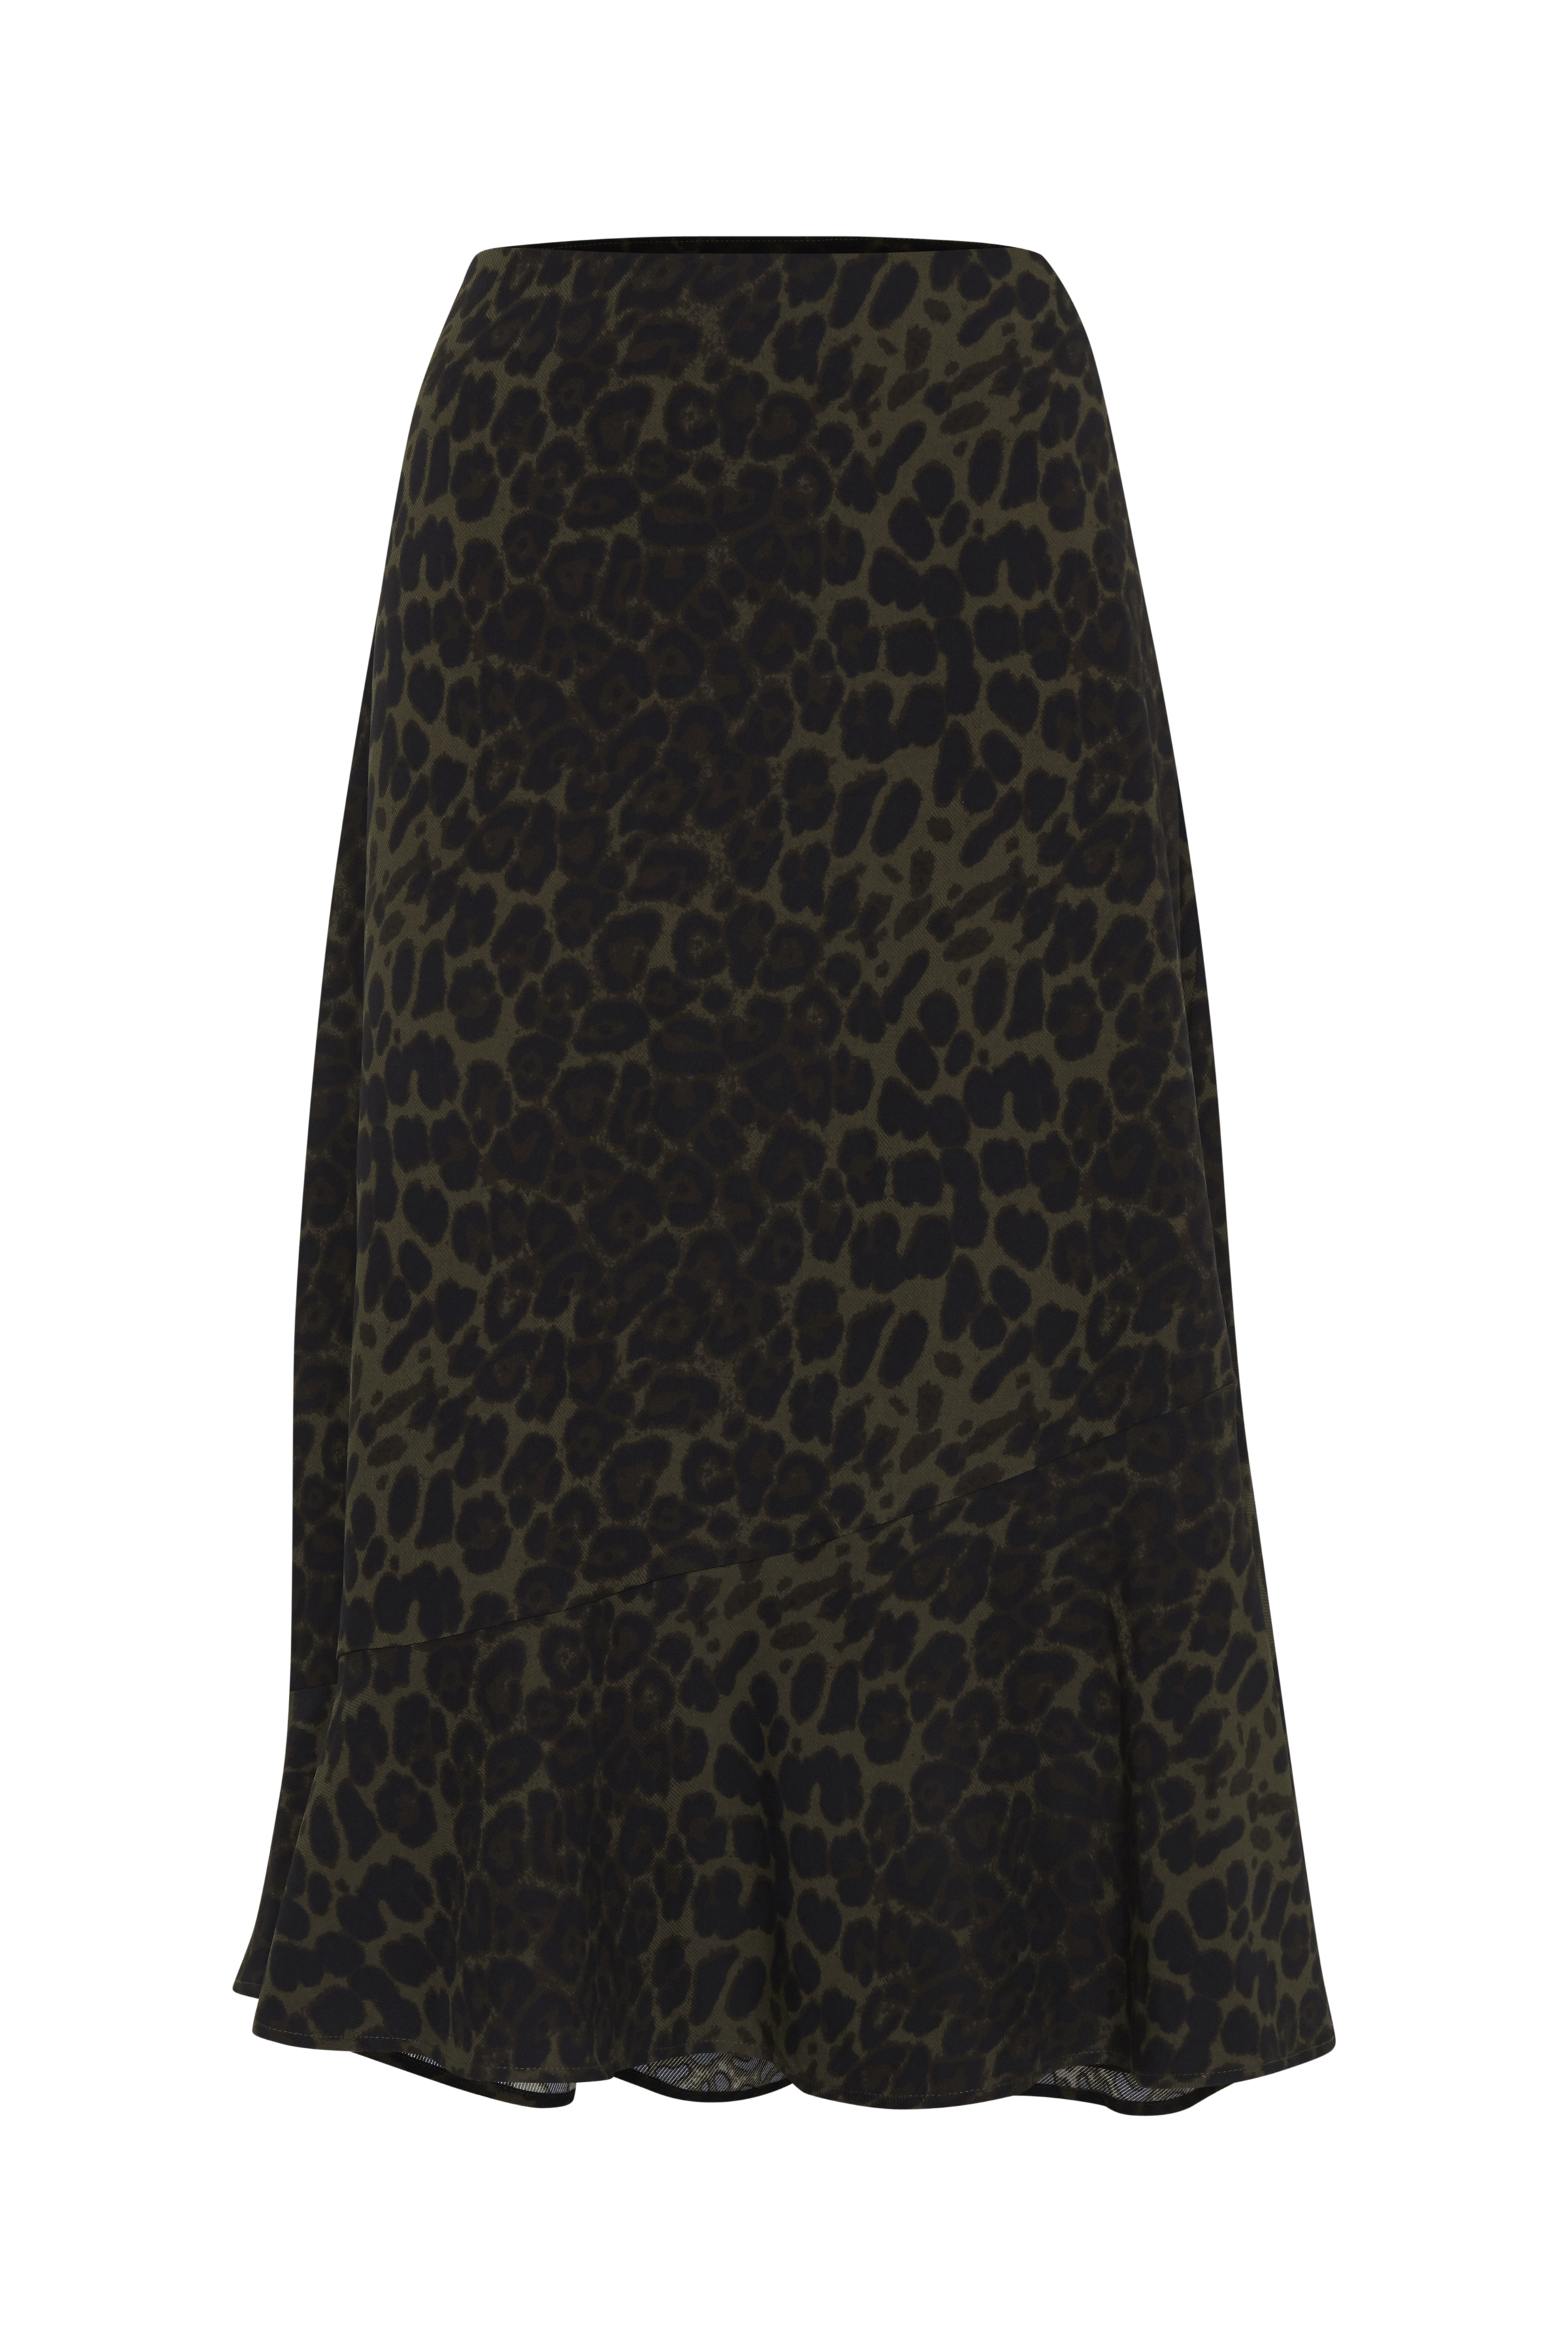 Olivengrøn/sort Nederdel fra b.young – Køb Olivengrøn/sort Nederdel fra str. 34-46 her